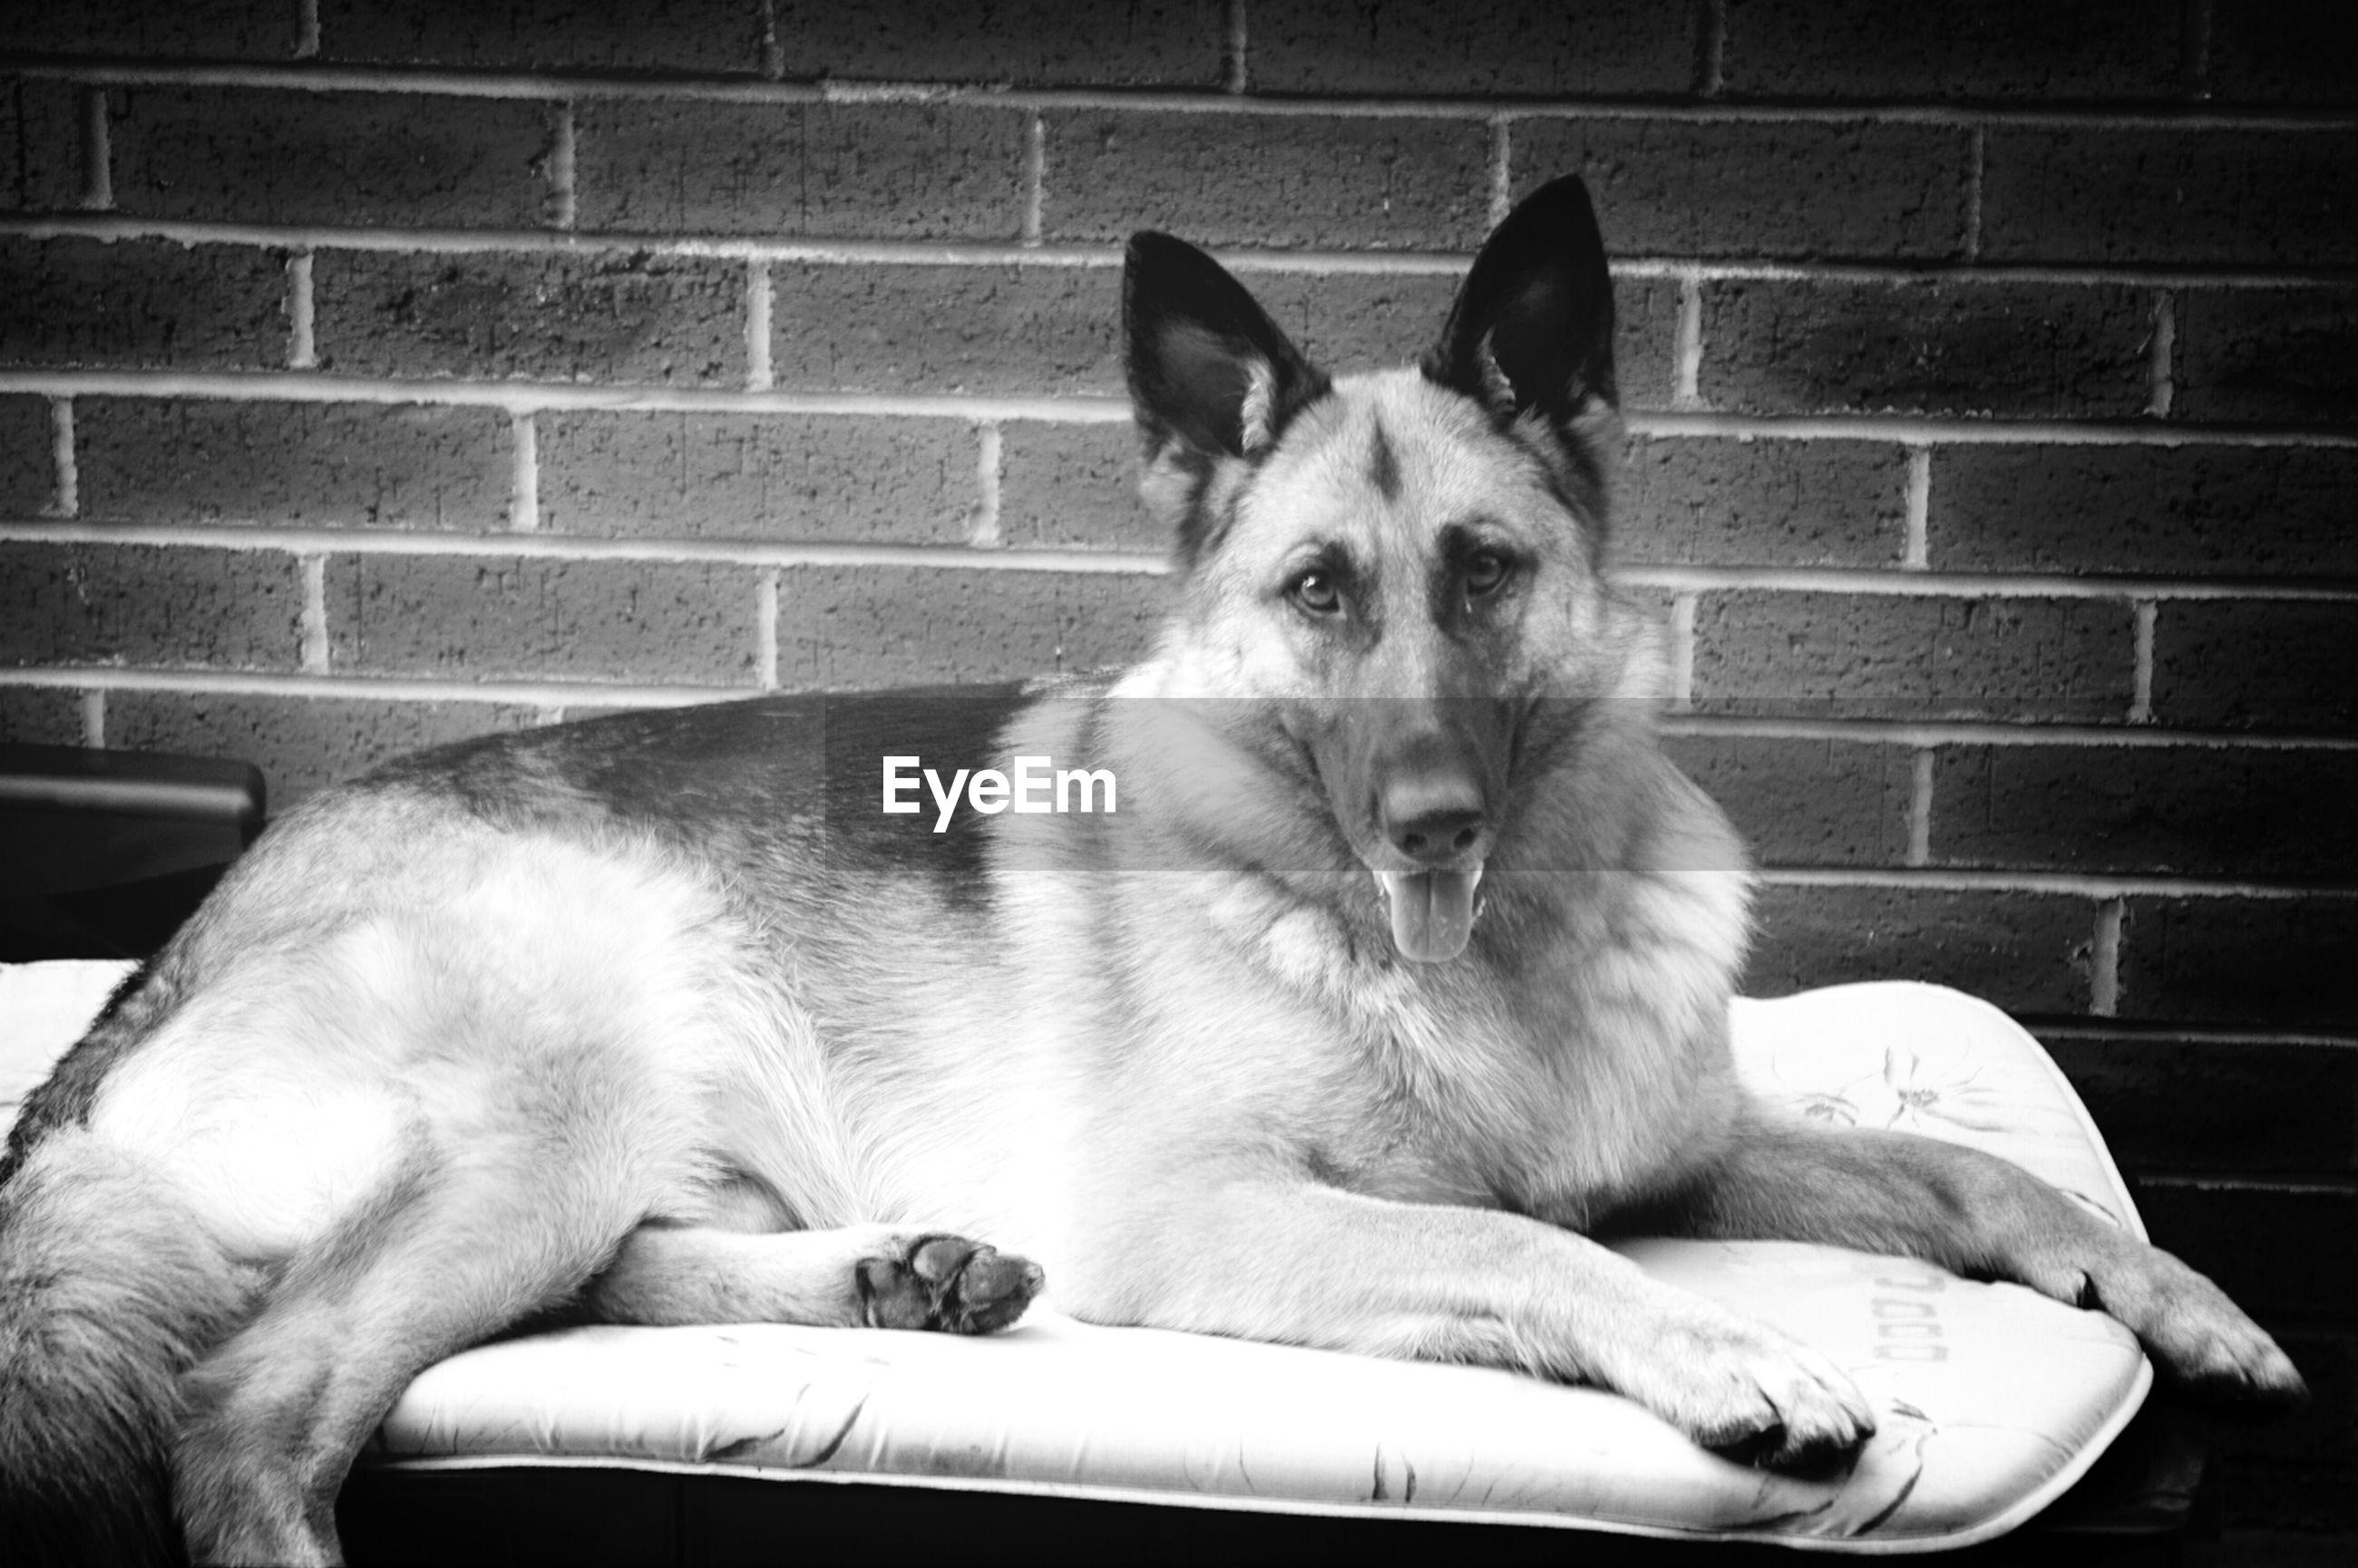 Portrait of german shepherd sitting on bed against brick wall